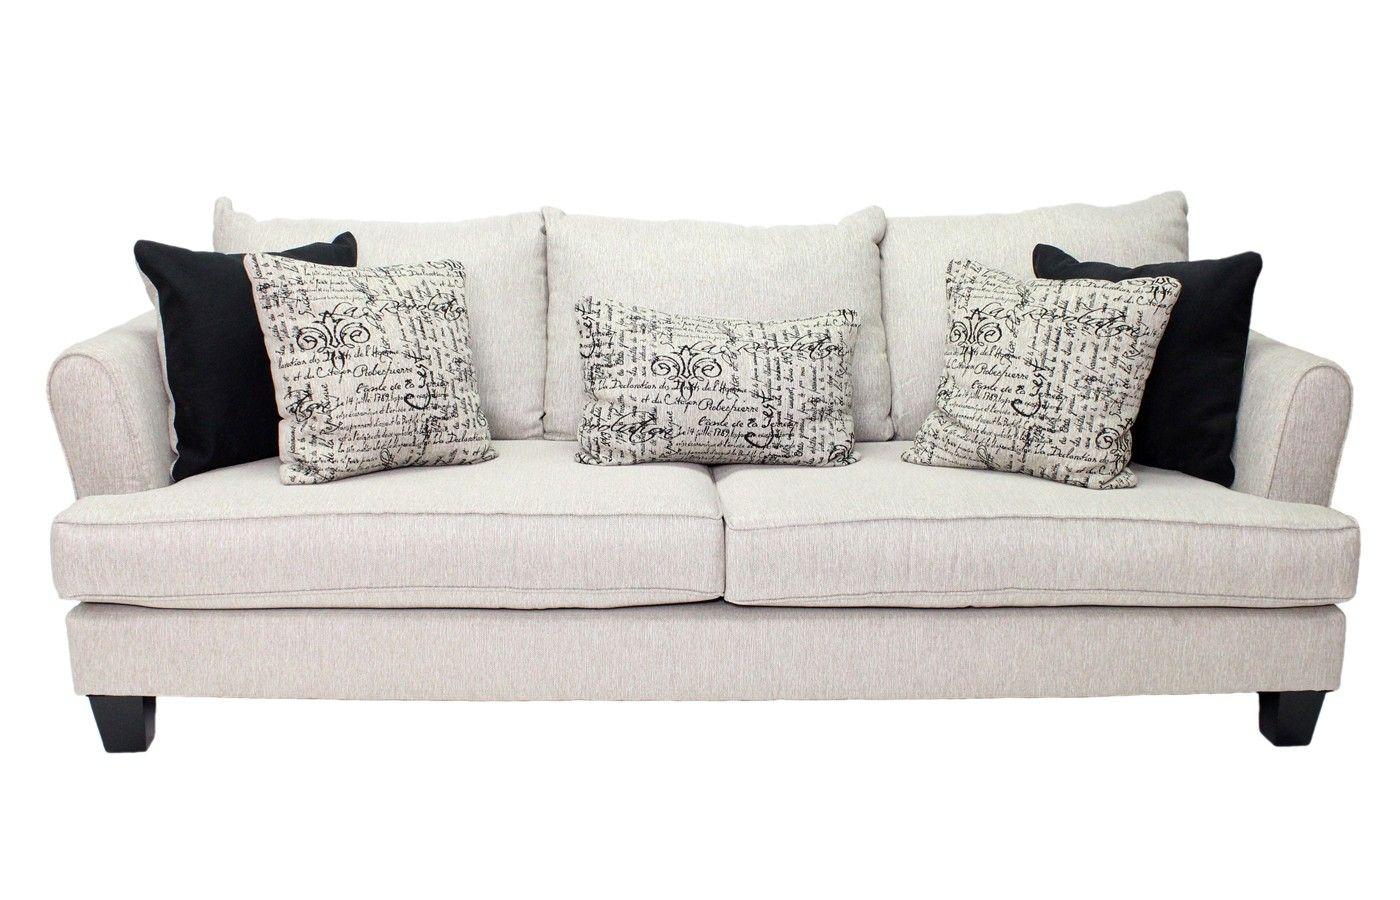 Mor Furniture for Less  Rachael Omega Mist Sofa  Sofas